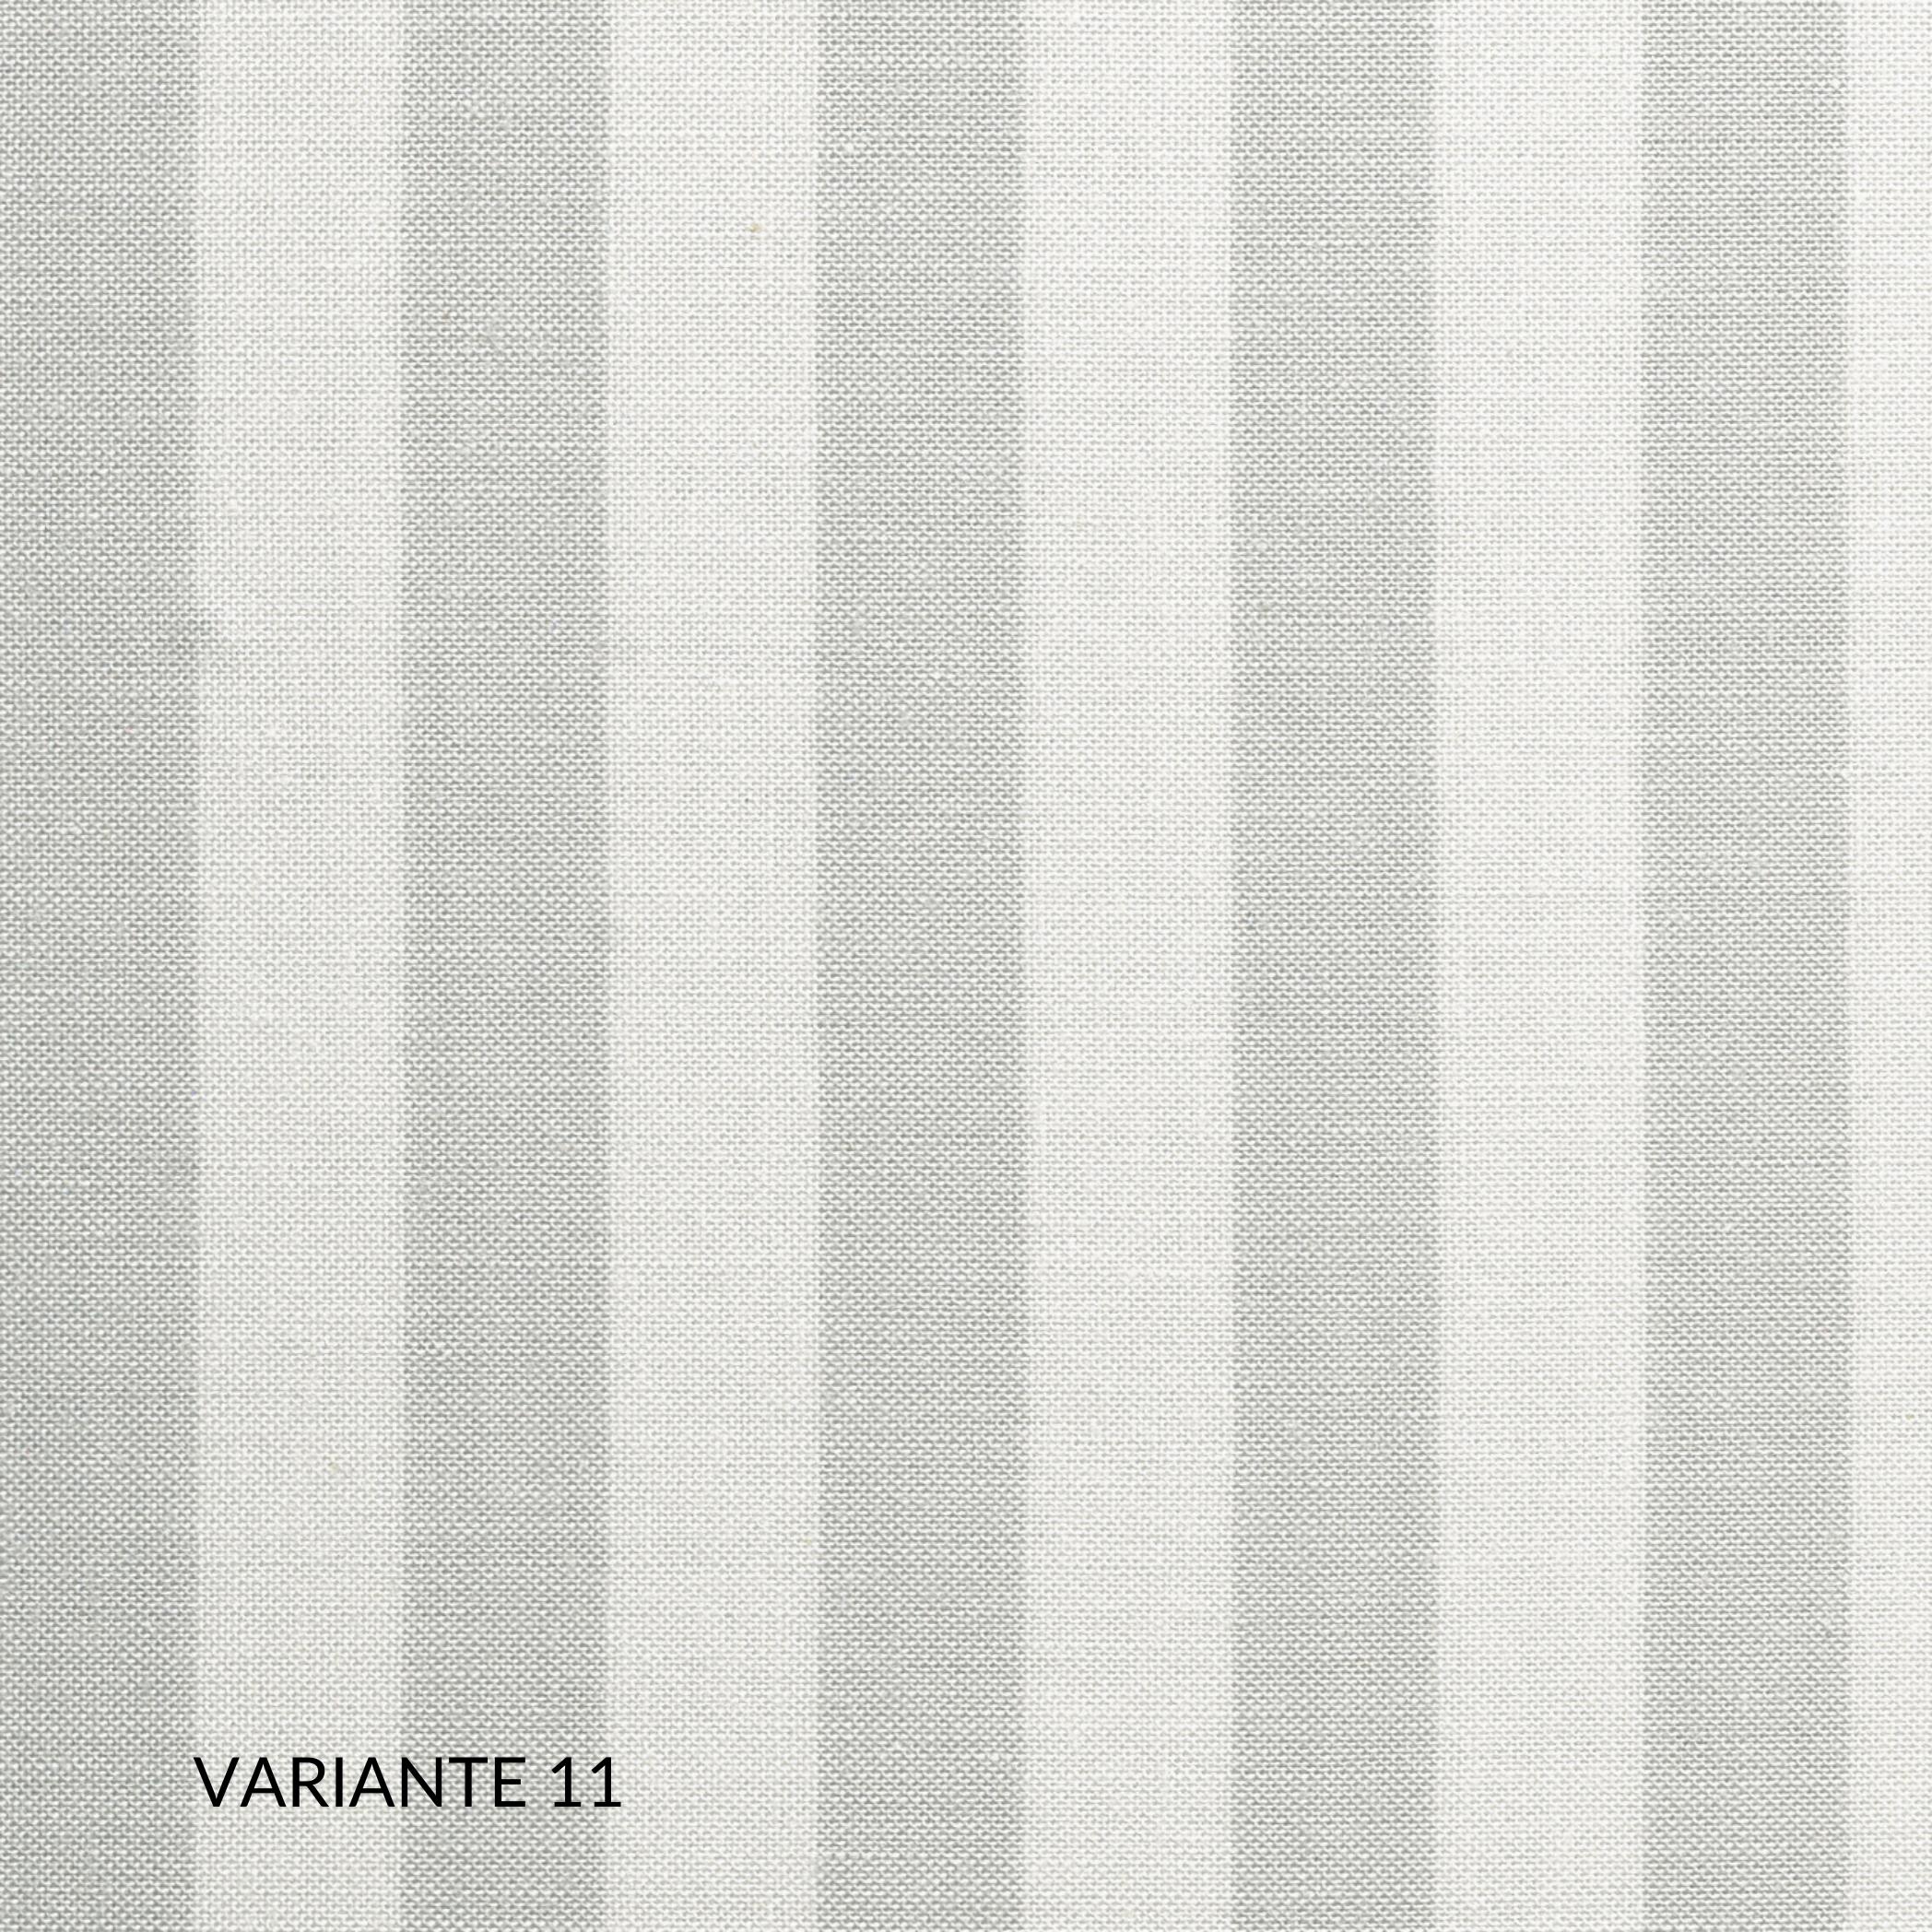 Set Completo Lenzuola con 1 o 2 Fodere per Cuscino 50x80, Decorazione a Righe, Morbido 100% Puro Cotone Naturale, Tessuto Anallergico | NEW YORK